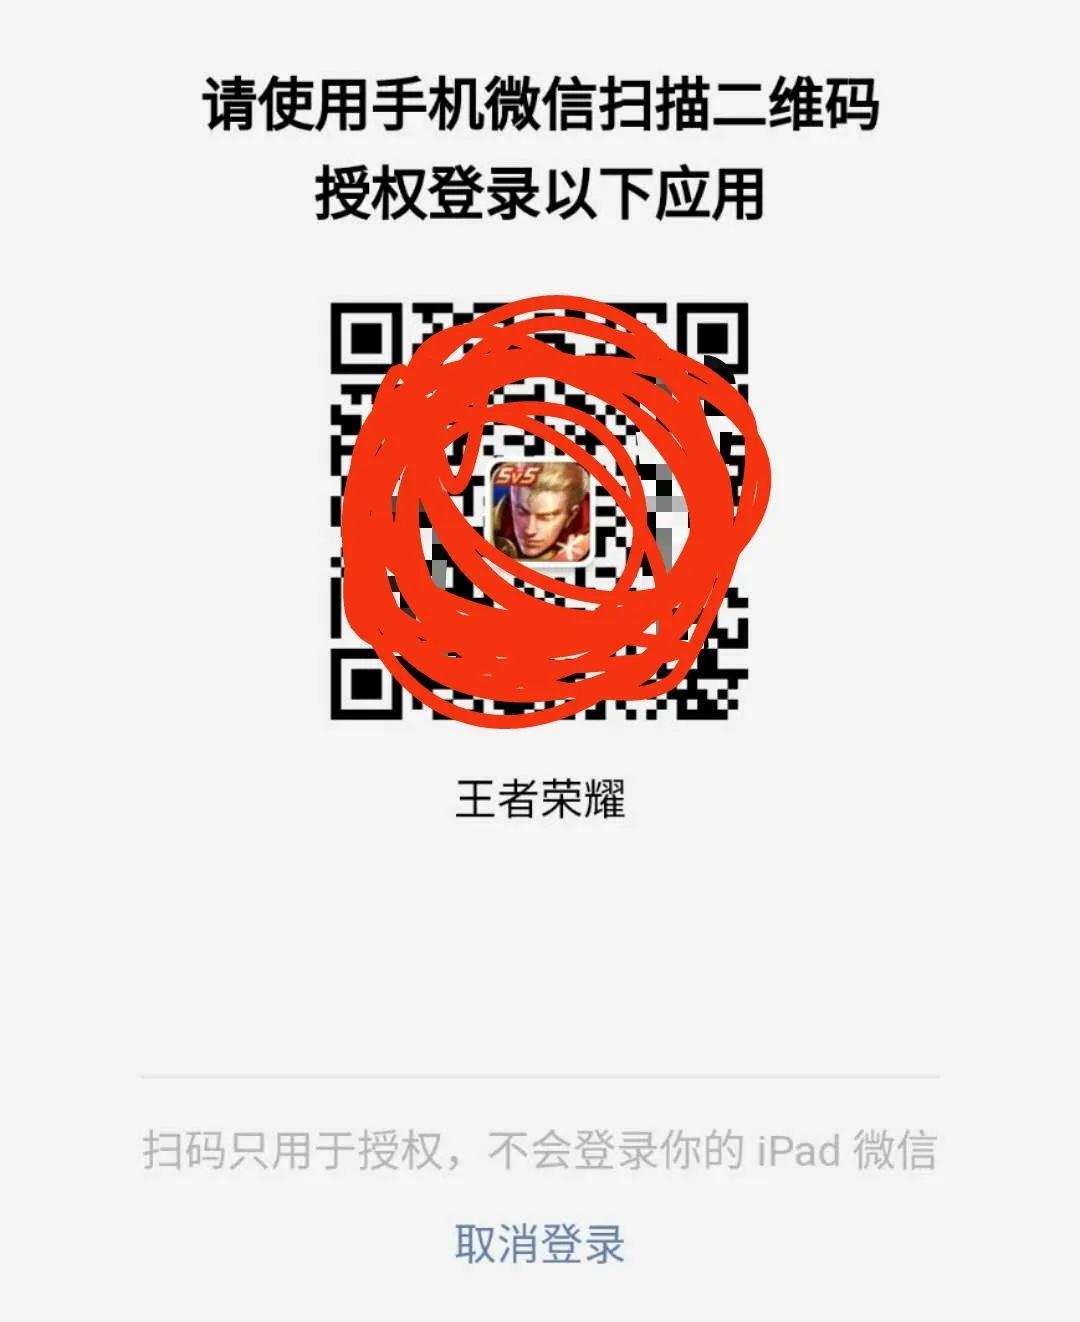 (更新修复)ios扫码登录腾讯游戏